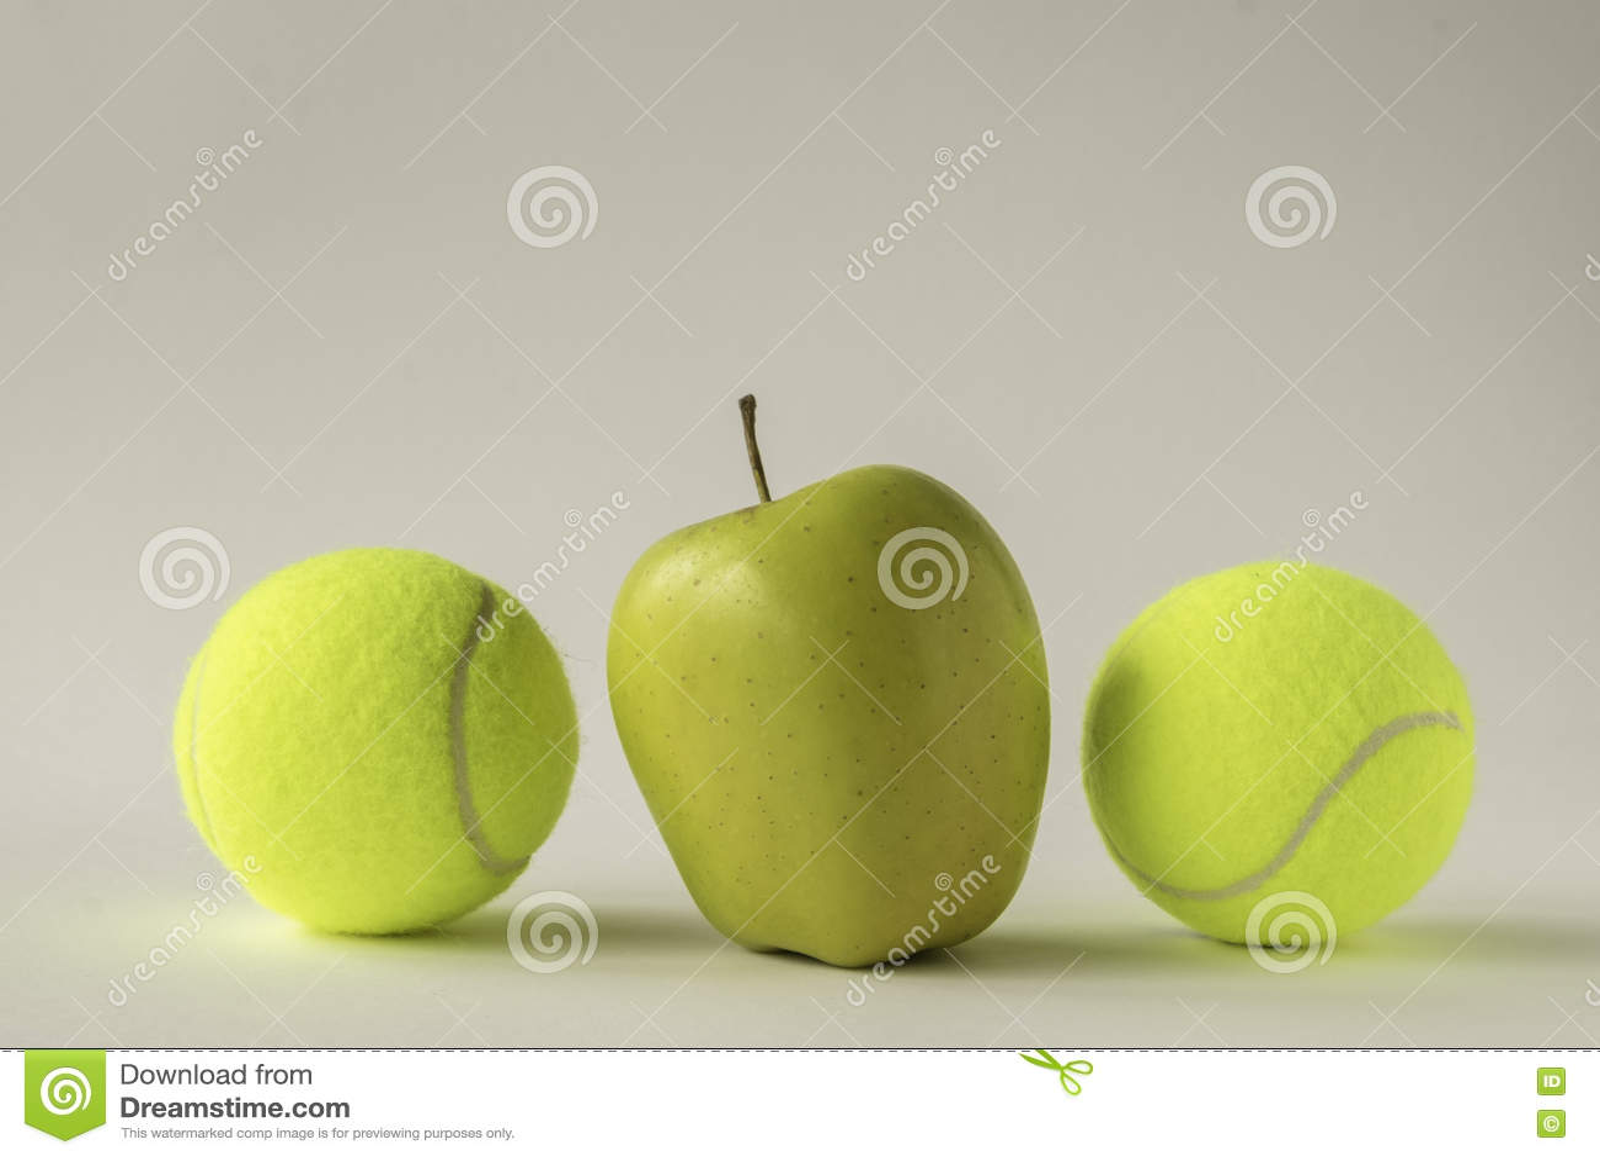 在两网球之间的黄色苹果